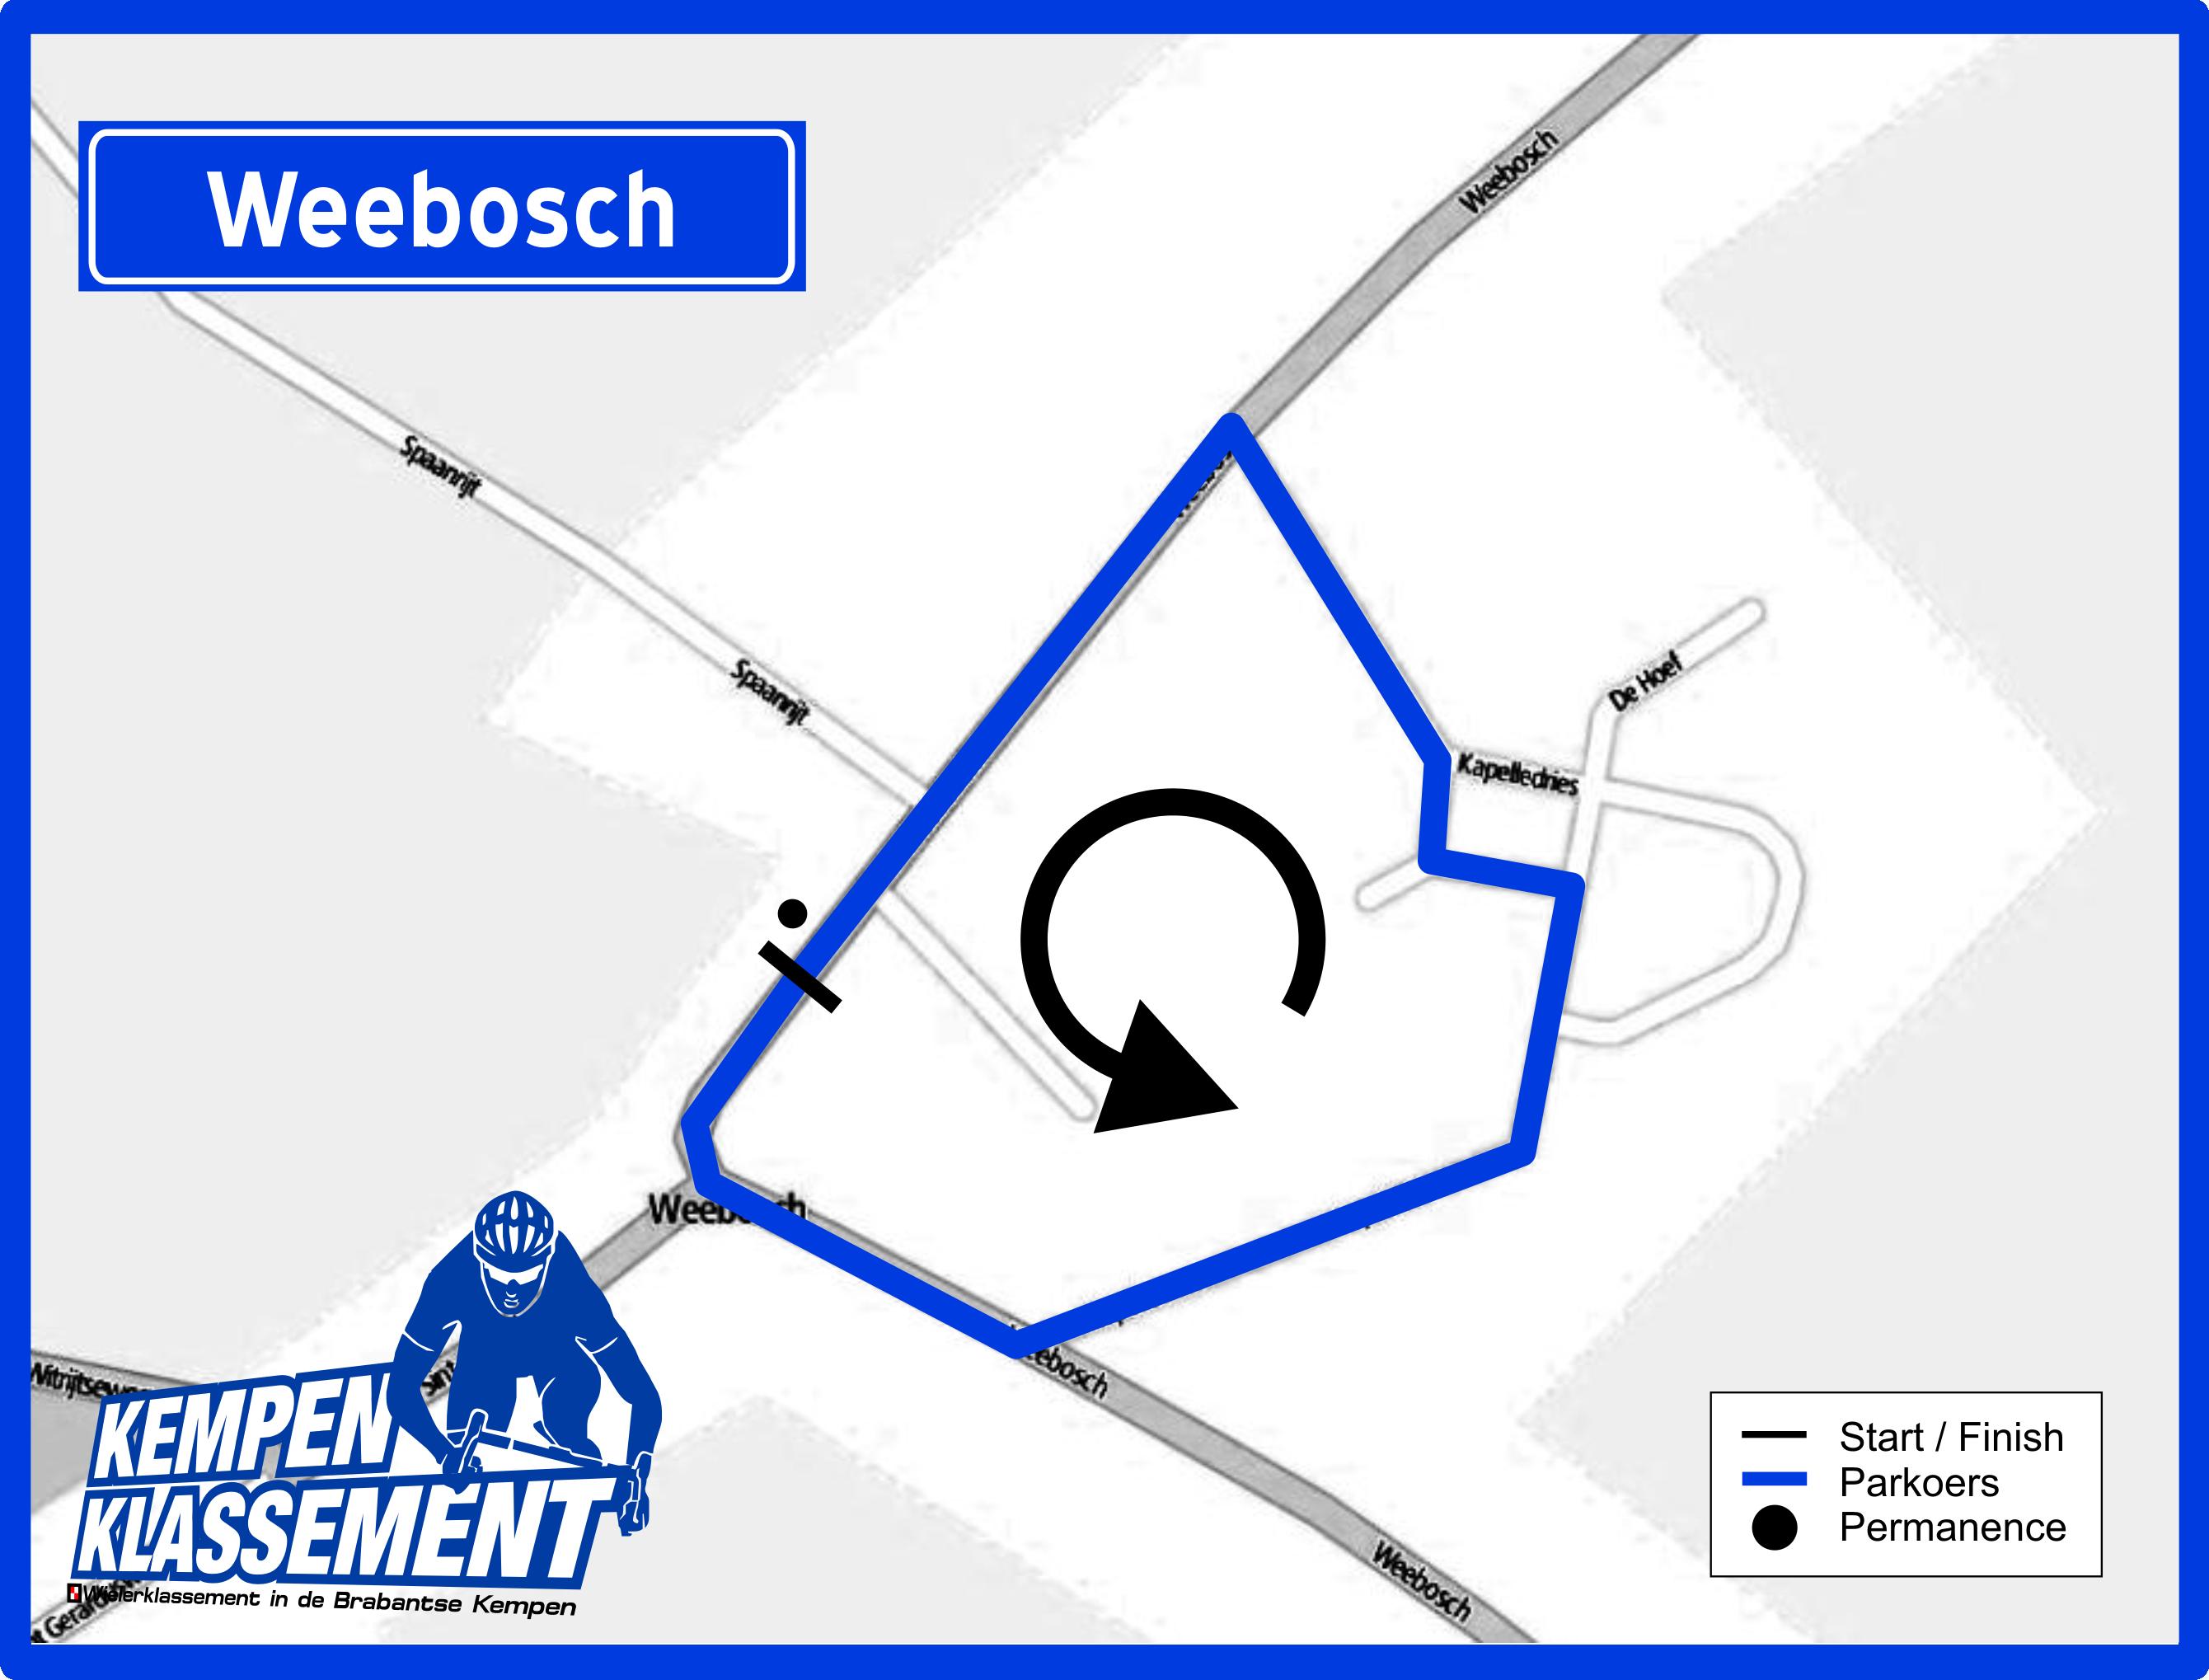 Weebosch